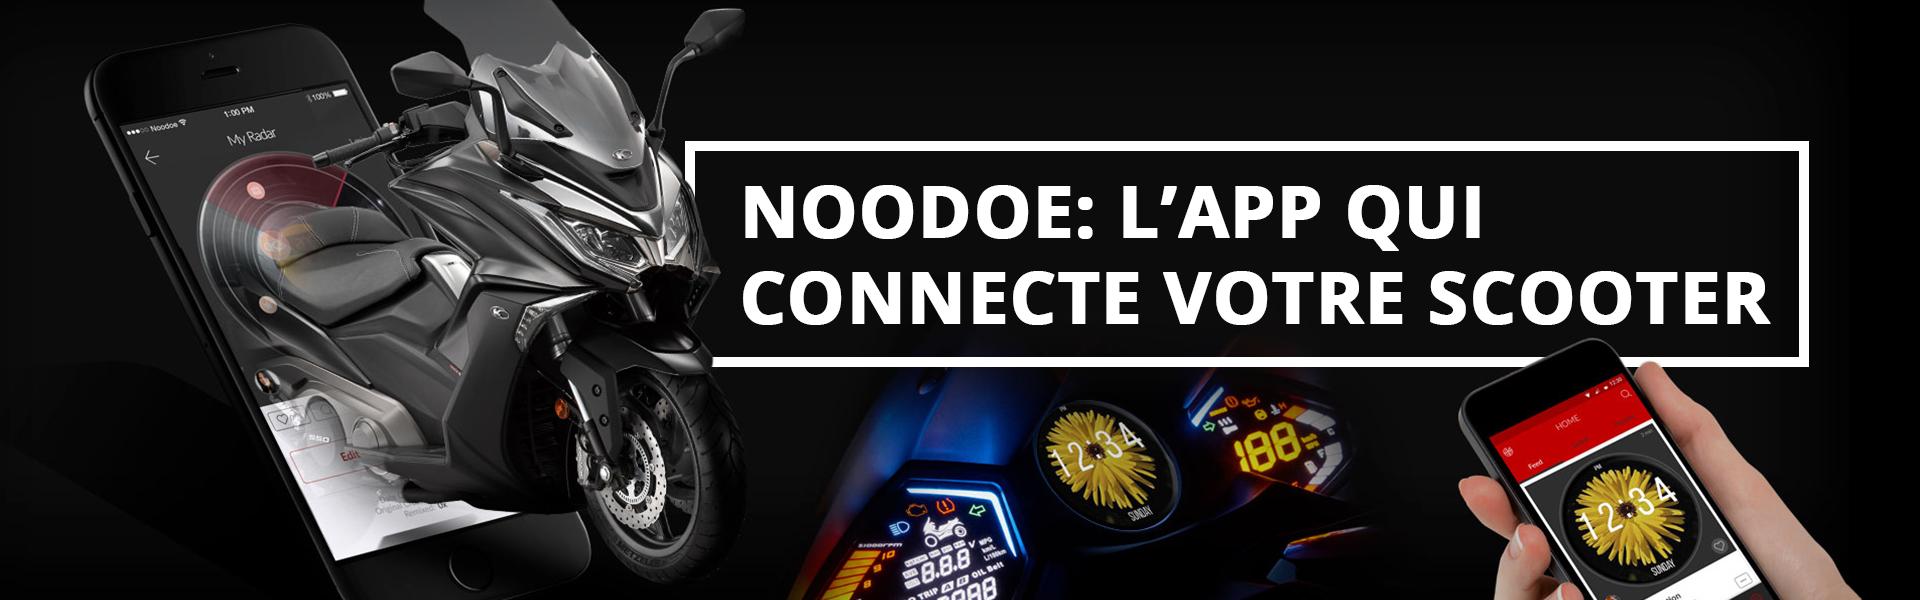 noodoe-app-connecte-scooter